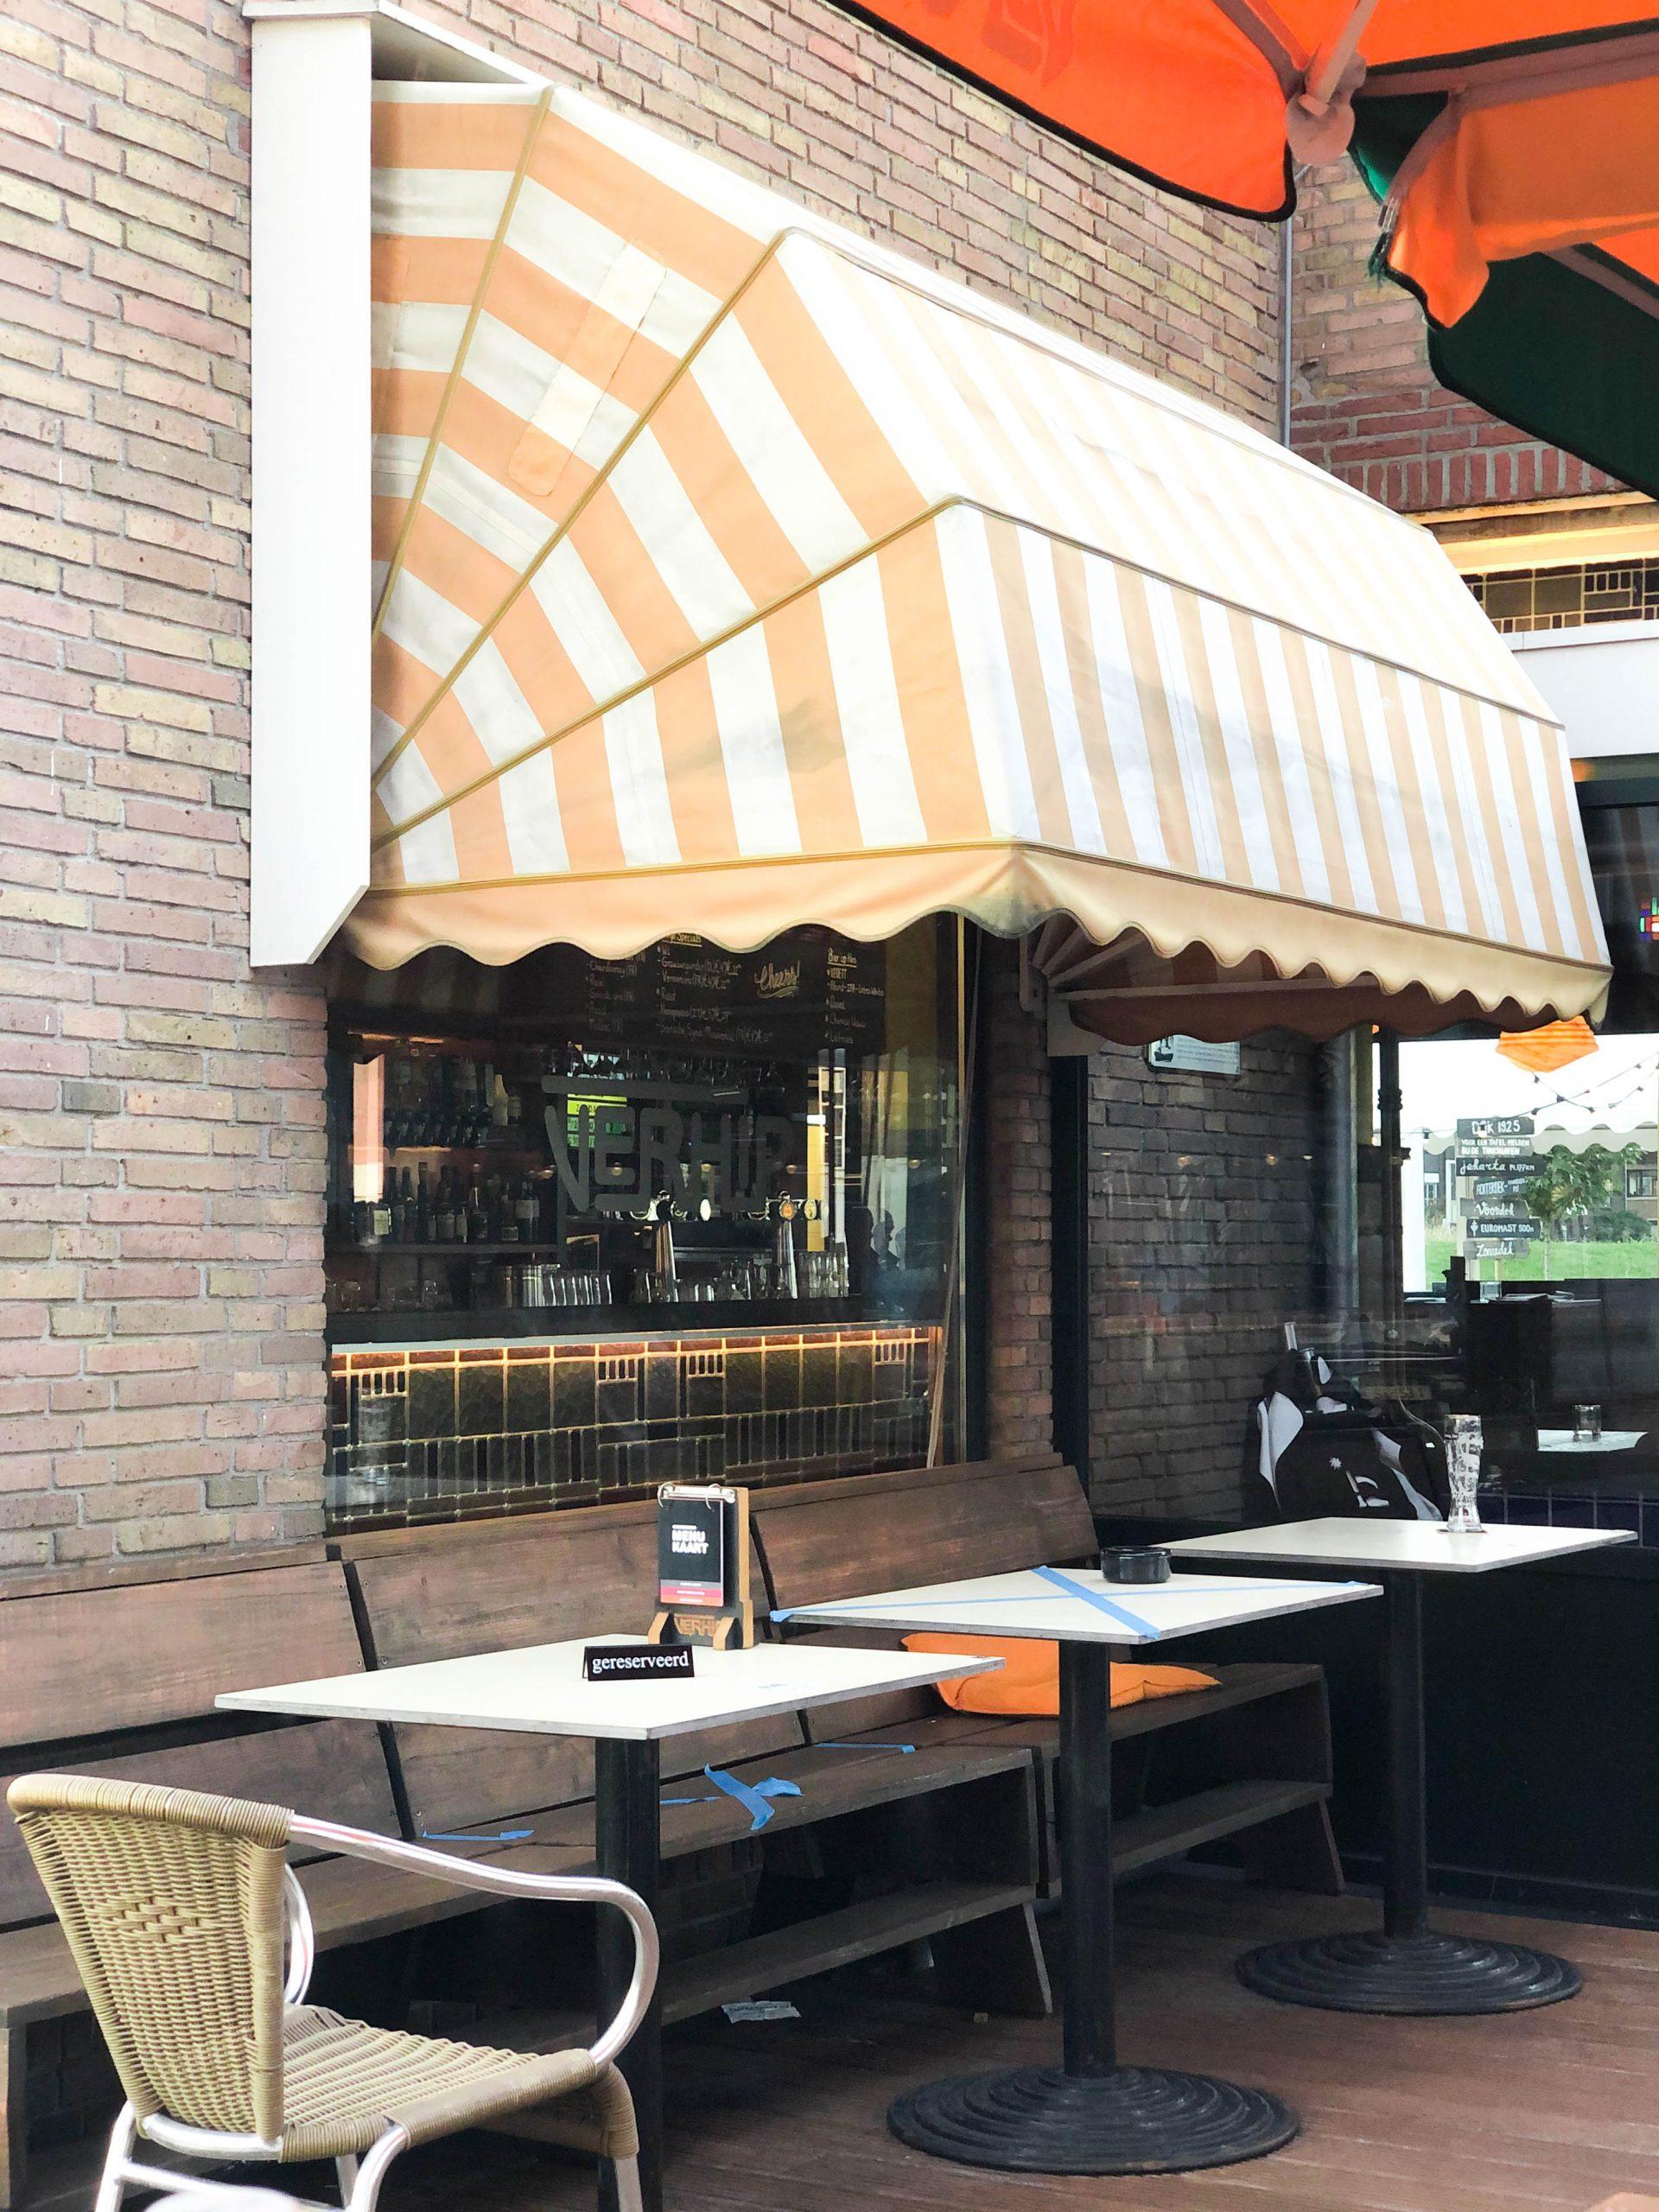 Bij Café Verhip hoef je geen poespas te verwachten. Het is een gezellige tent waar je lekker kan eten, een biertje kan doen en gezellig kan borrelen.